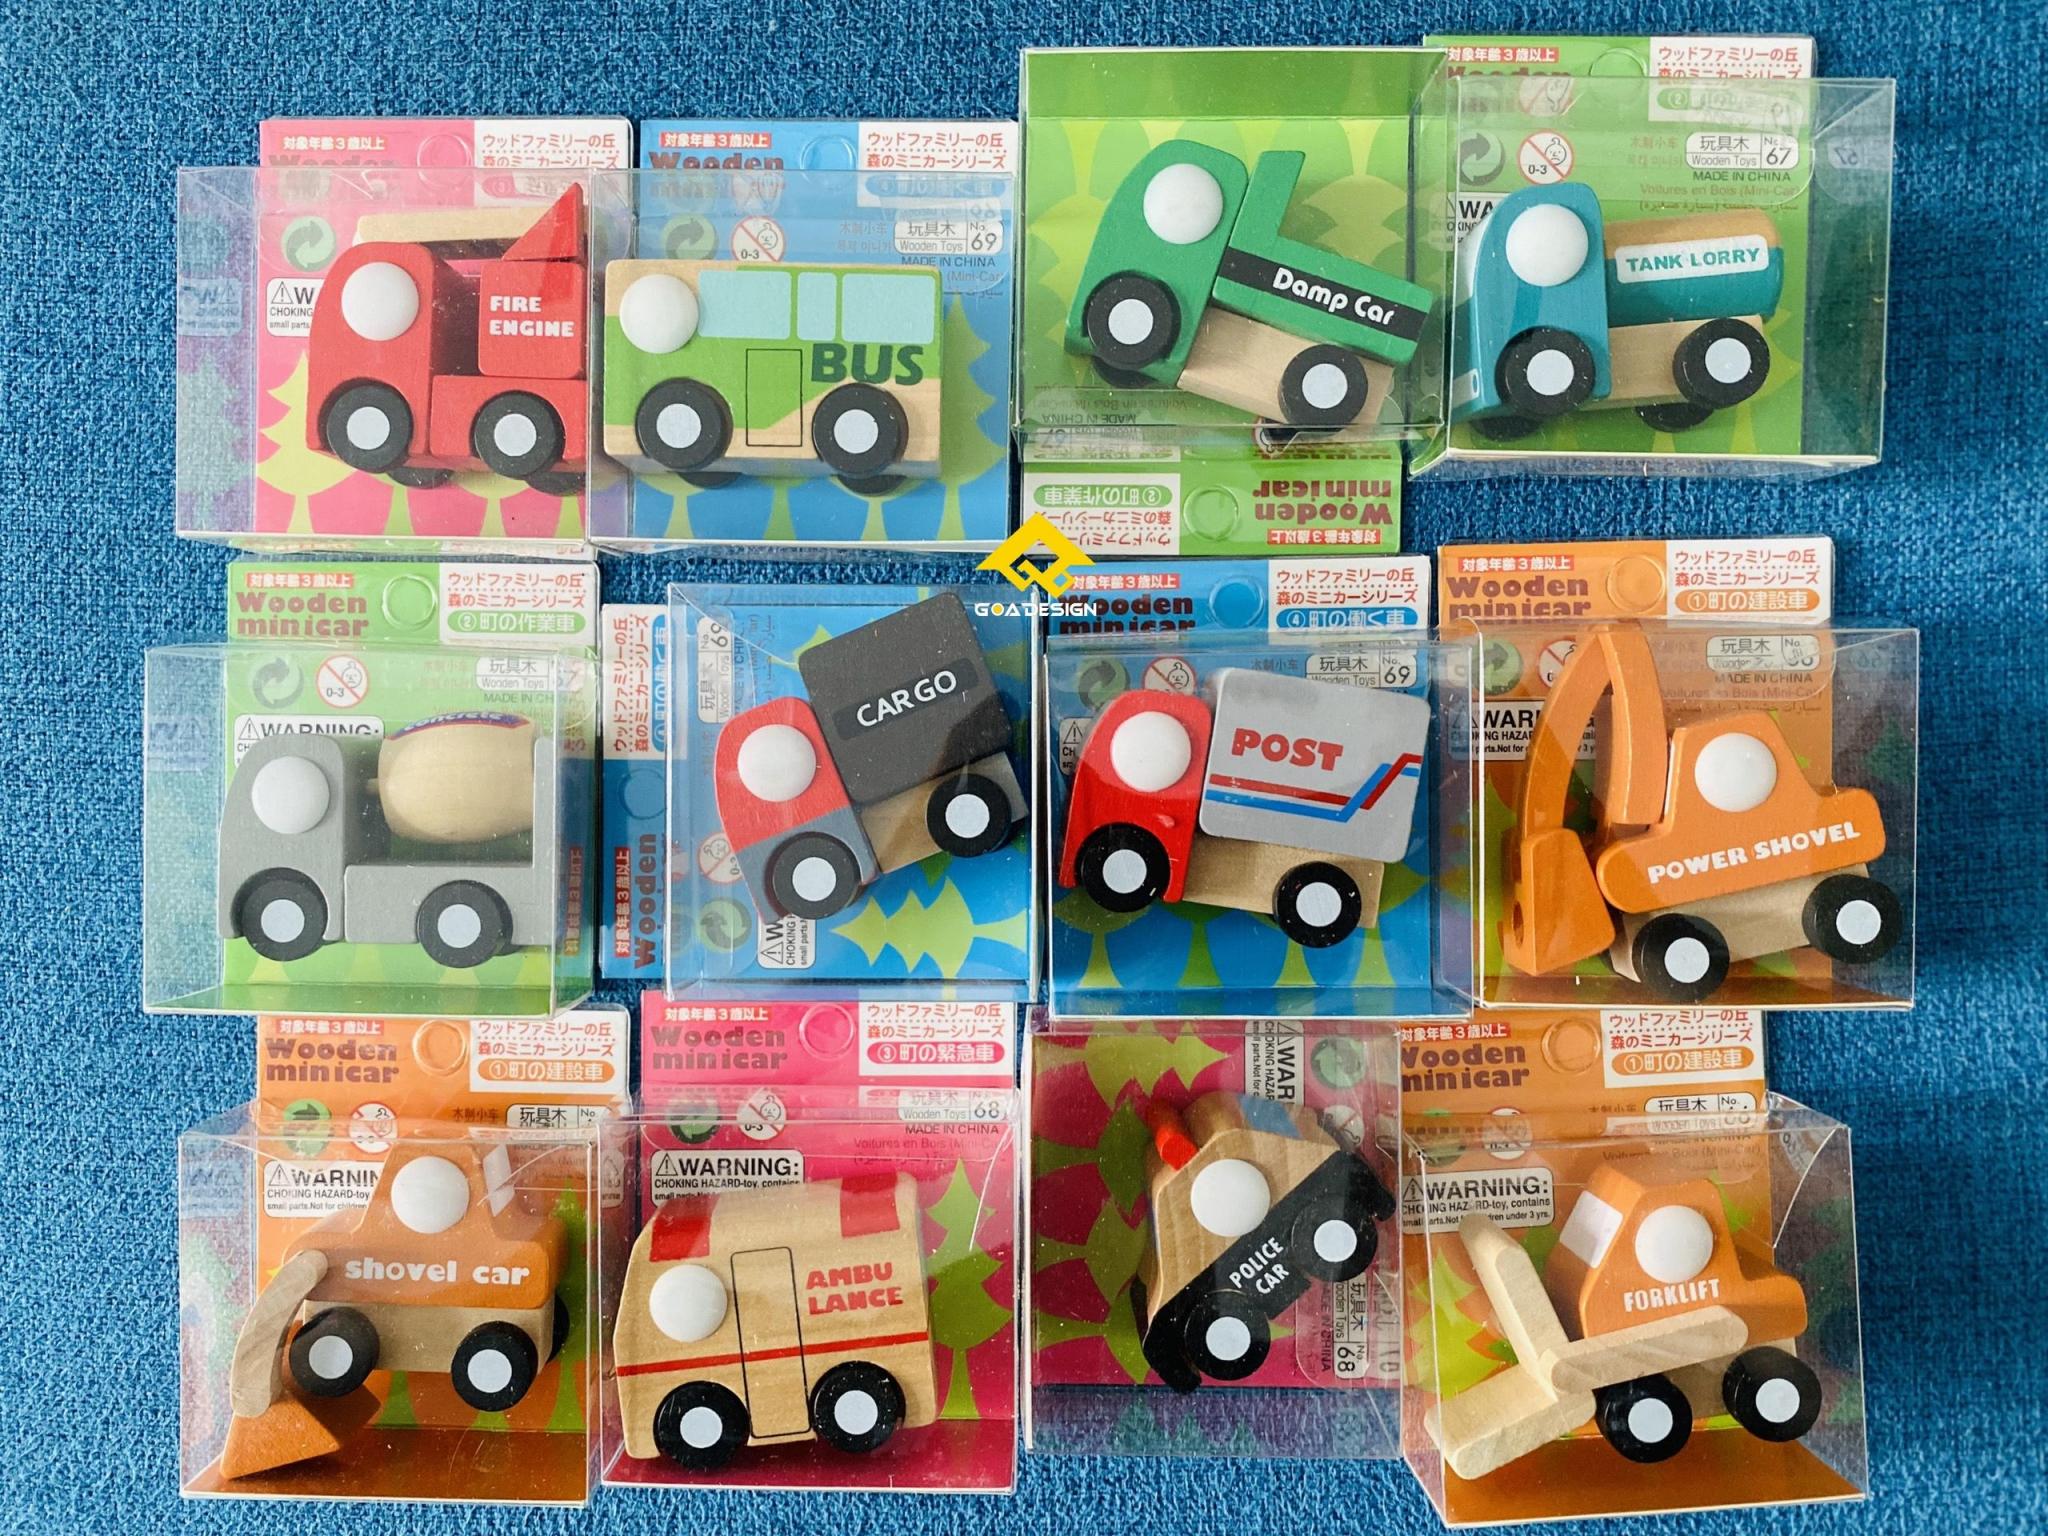 Xe Đồ Chơi Mini Cho Bé Trai - Trọn bộ các loại xe dành cho các bé trai, màu sắc bắt mắt, chất lượng nhập khẩu an toàn,nguồn gốc rõ ràng